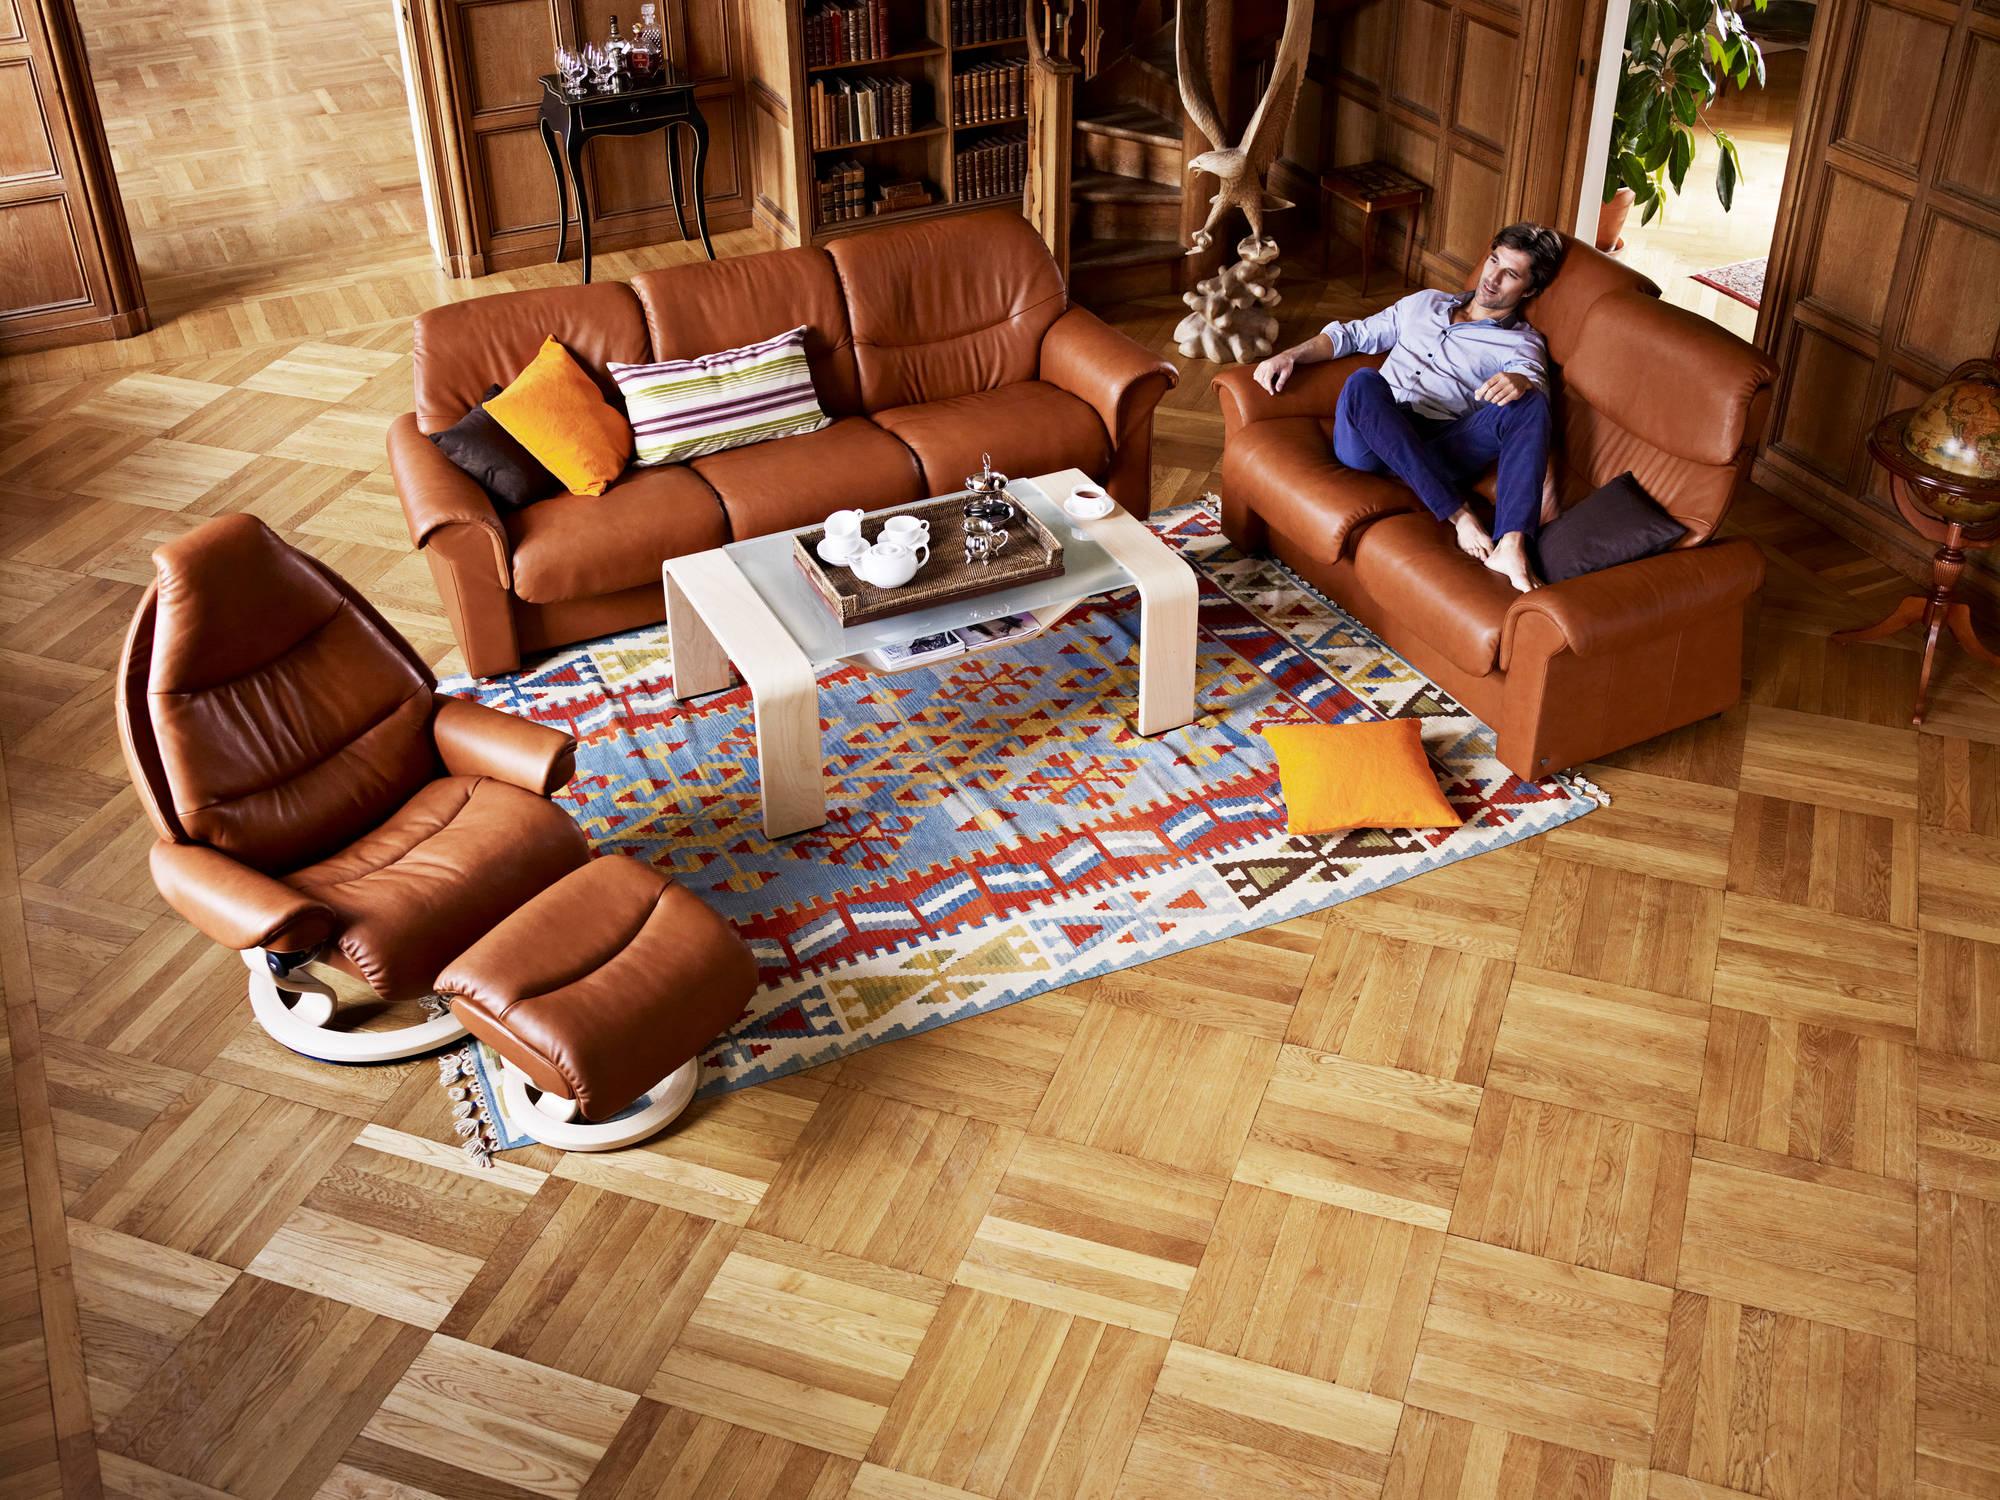 liberty loveseat low back stressless furniture. Black Bedroom Furniture Sets. Home Design Ideas